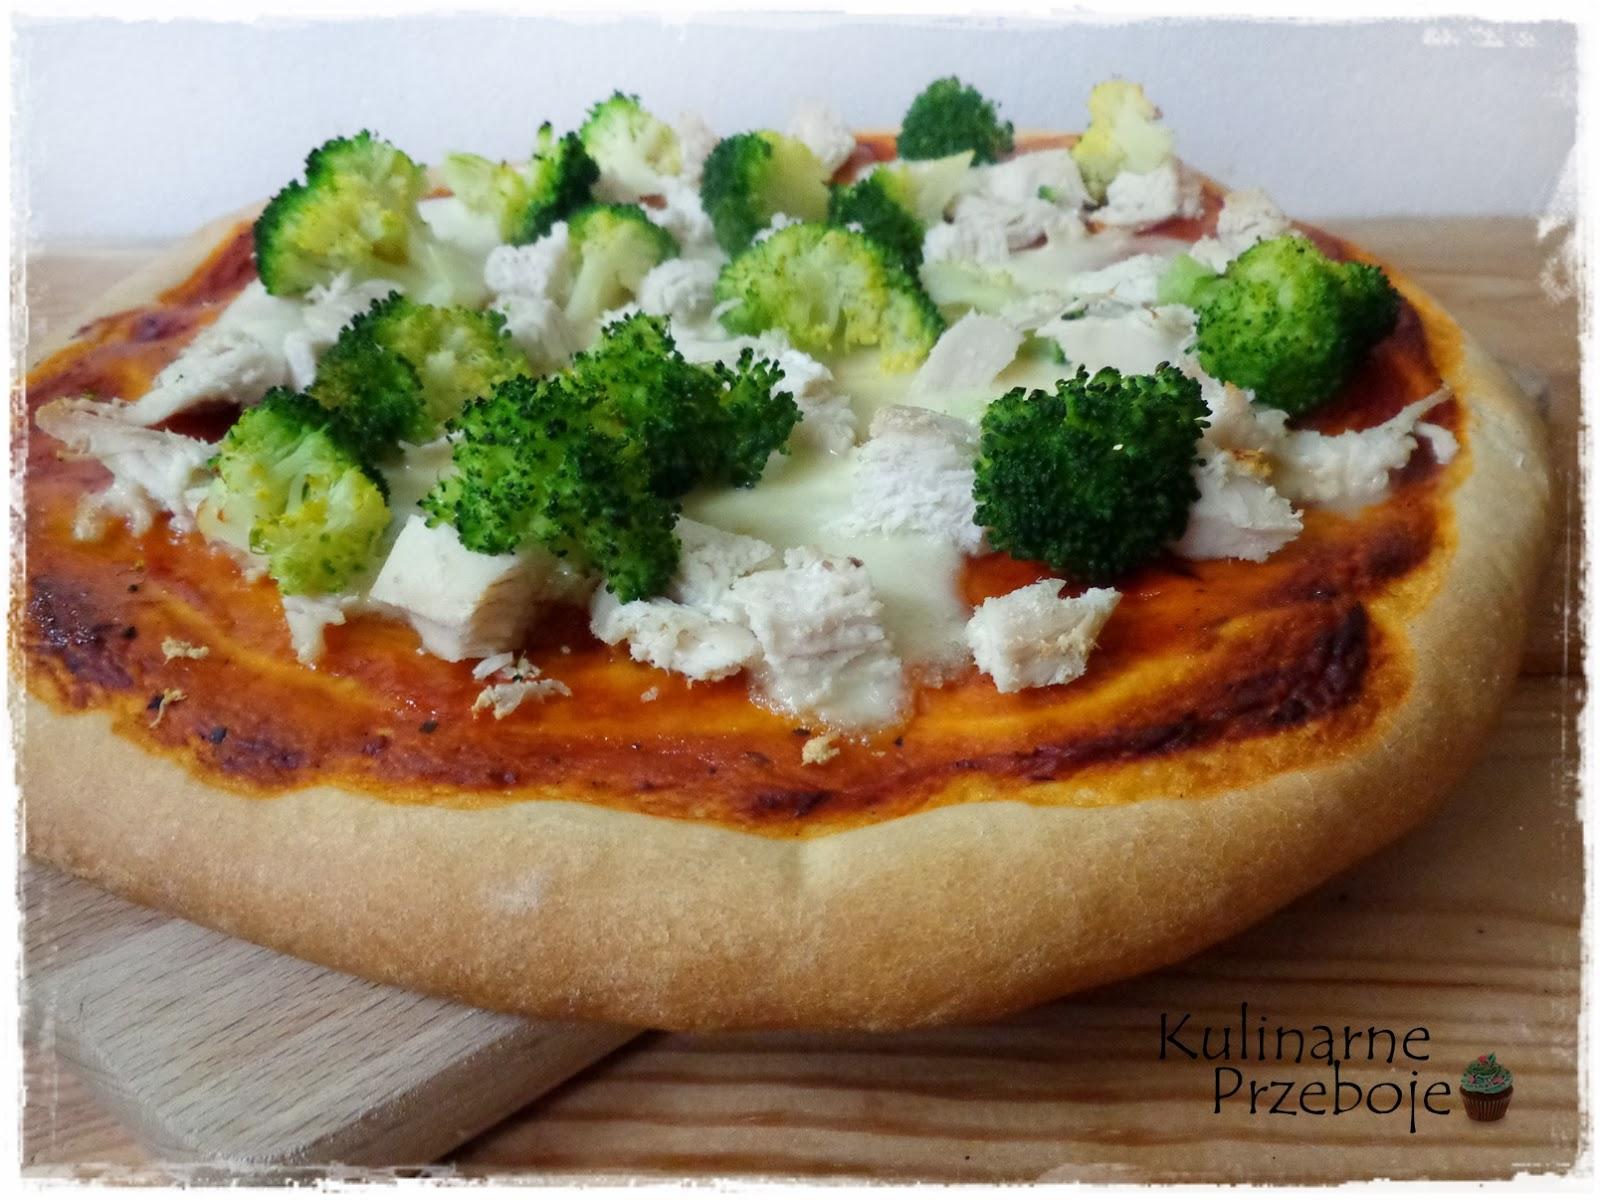 Pizza pollo con broccoli